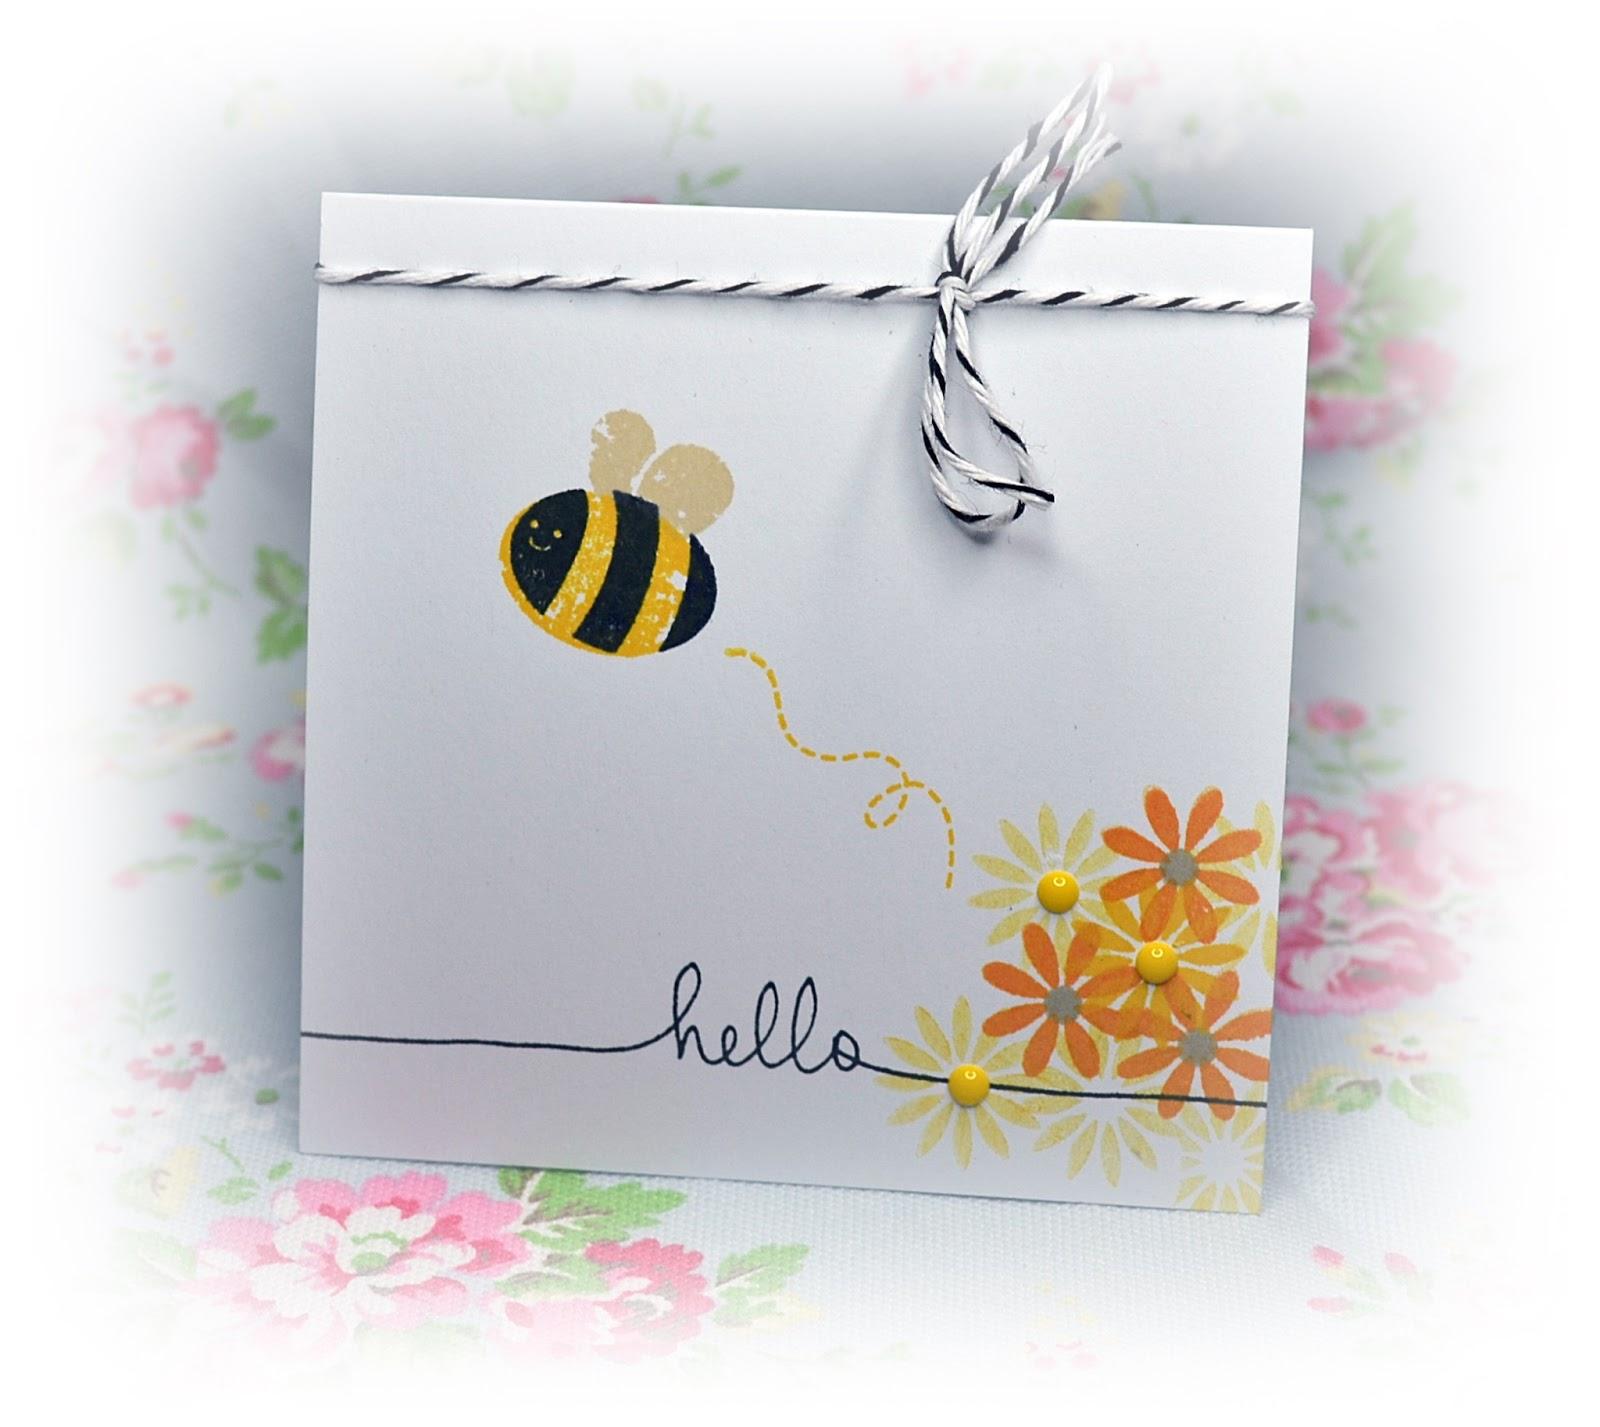 http://4.bp.blogspot.com/-KOC-FehqMEg/UVlBaN-LybI/AAAAAAAAGiE/yNGC1GeiweQ/s1600/build+a+bug+bee.JPG